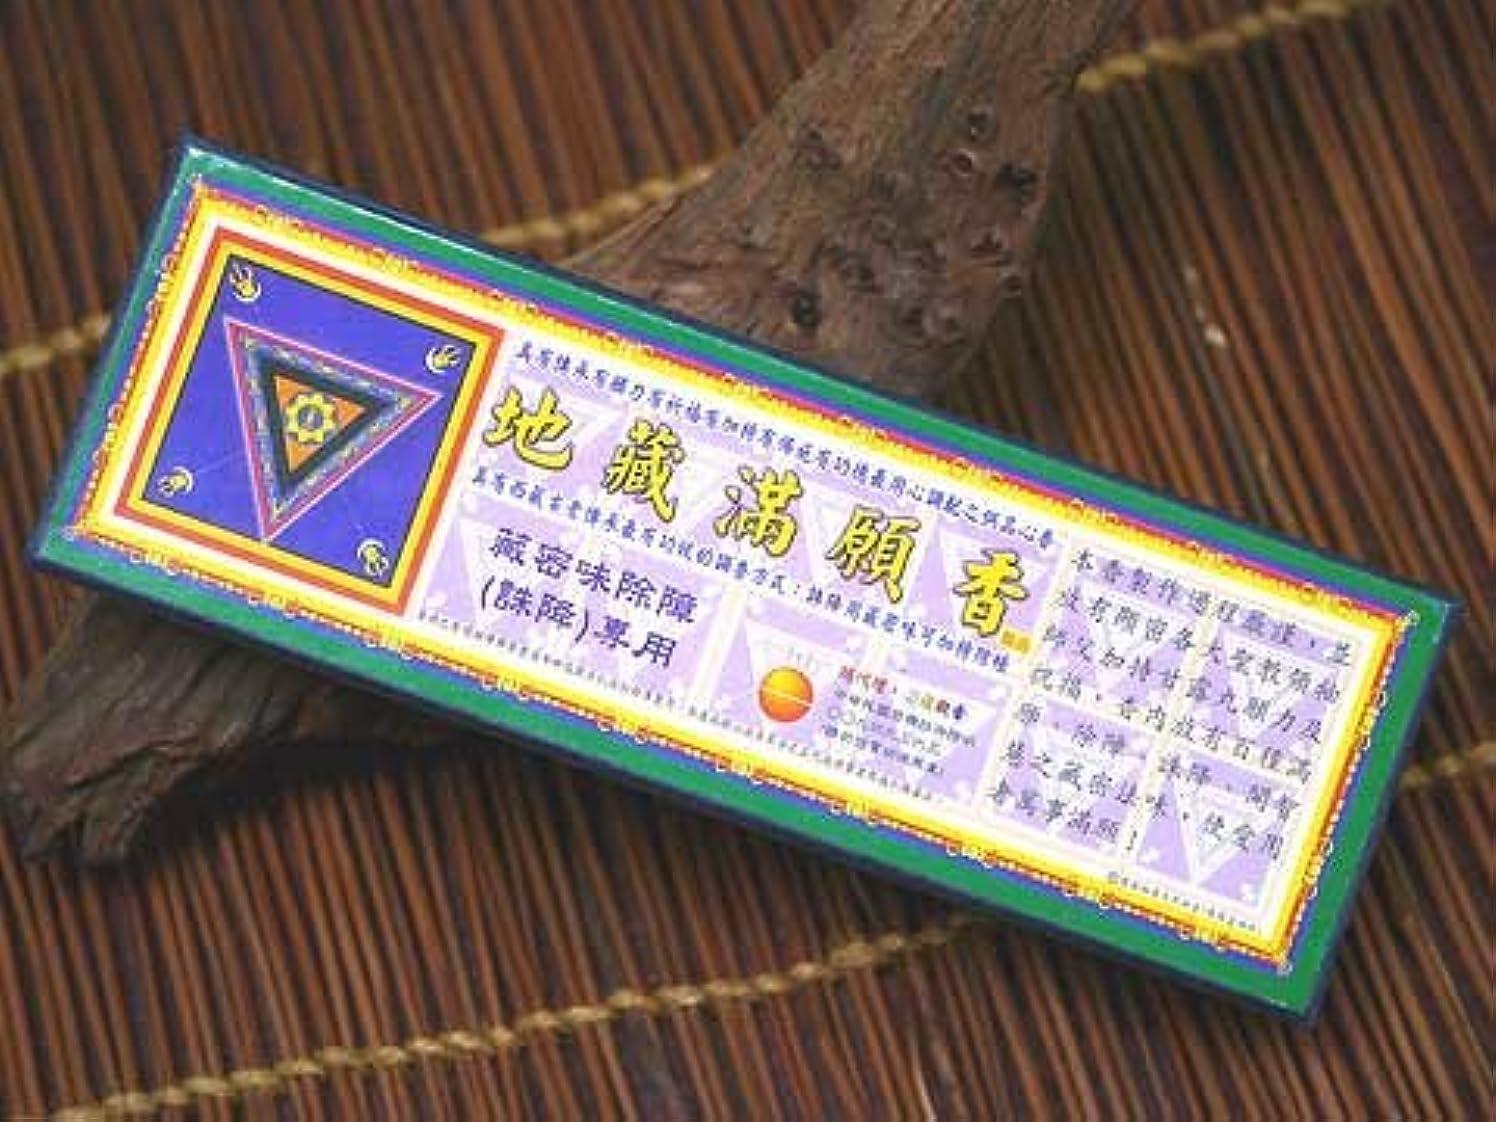 タービン製造蒸発地蔵満願香 台湾のお香 彩蓮観音 地蔵満願香 おタイプ